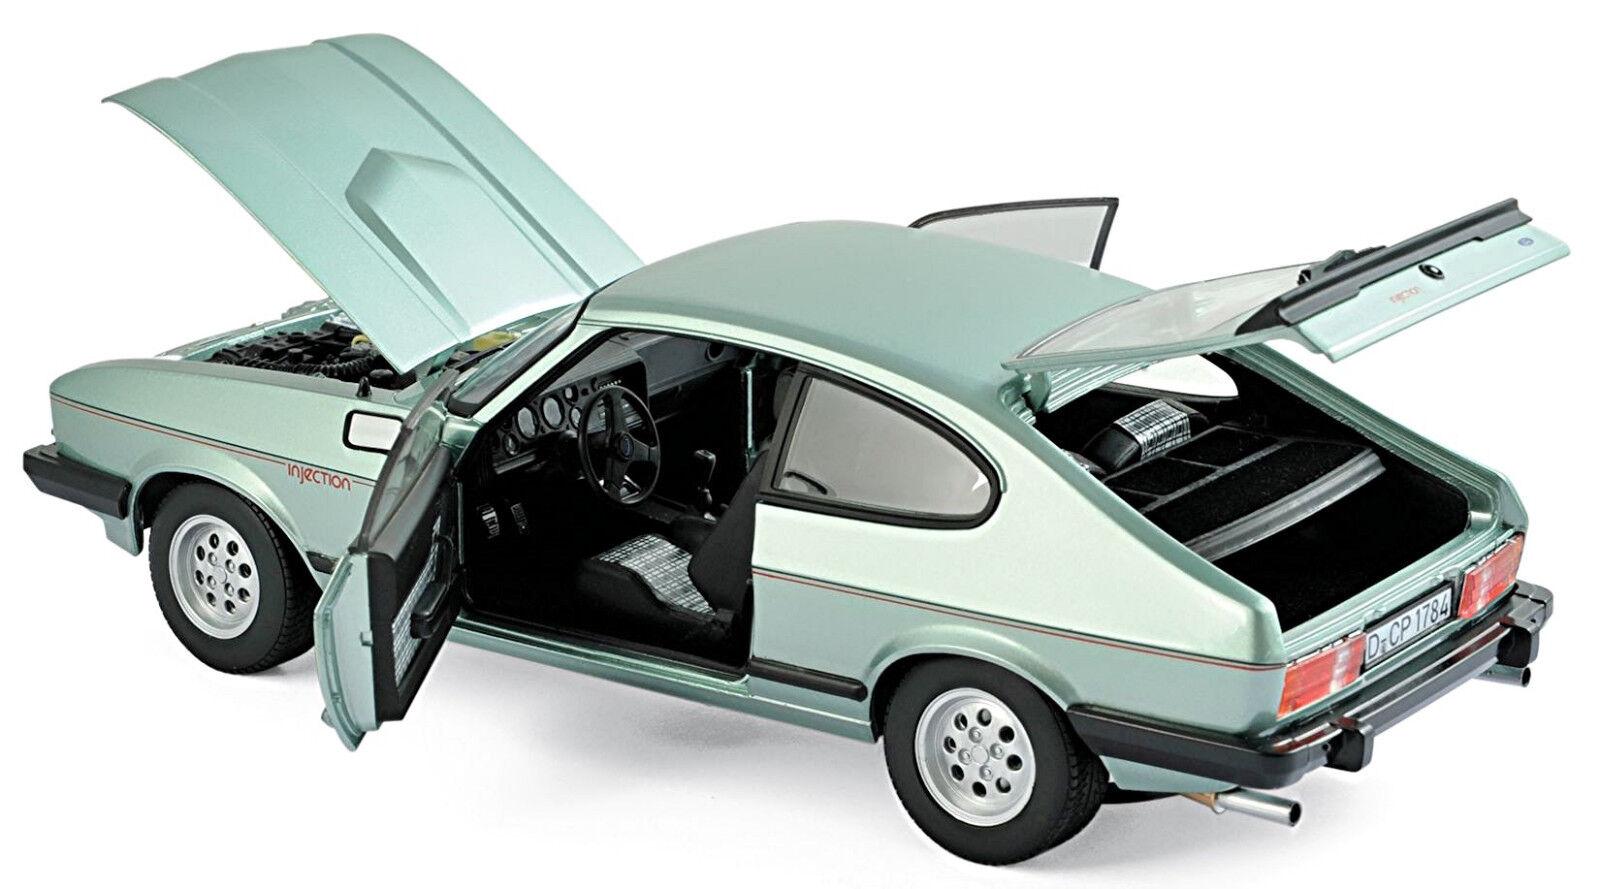 descuentos y mas Ford Capri Mk. III 2,8 2,8 2,8 injection 1982 Crystal verde Metallic 1 18 norev  Ahorre 35% - 70% de descuento